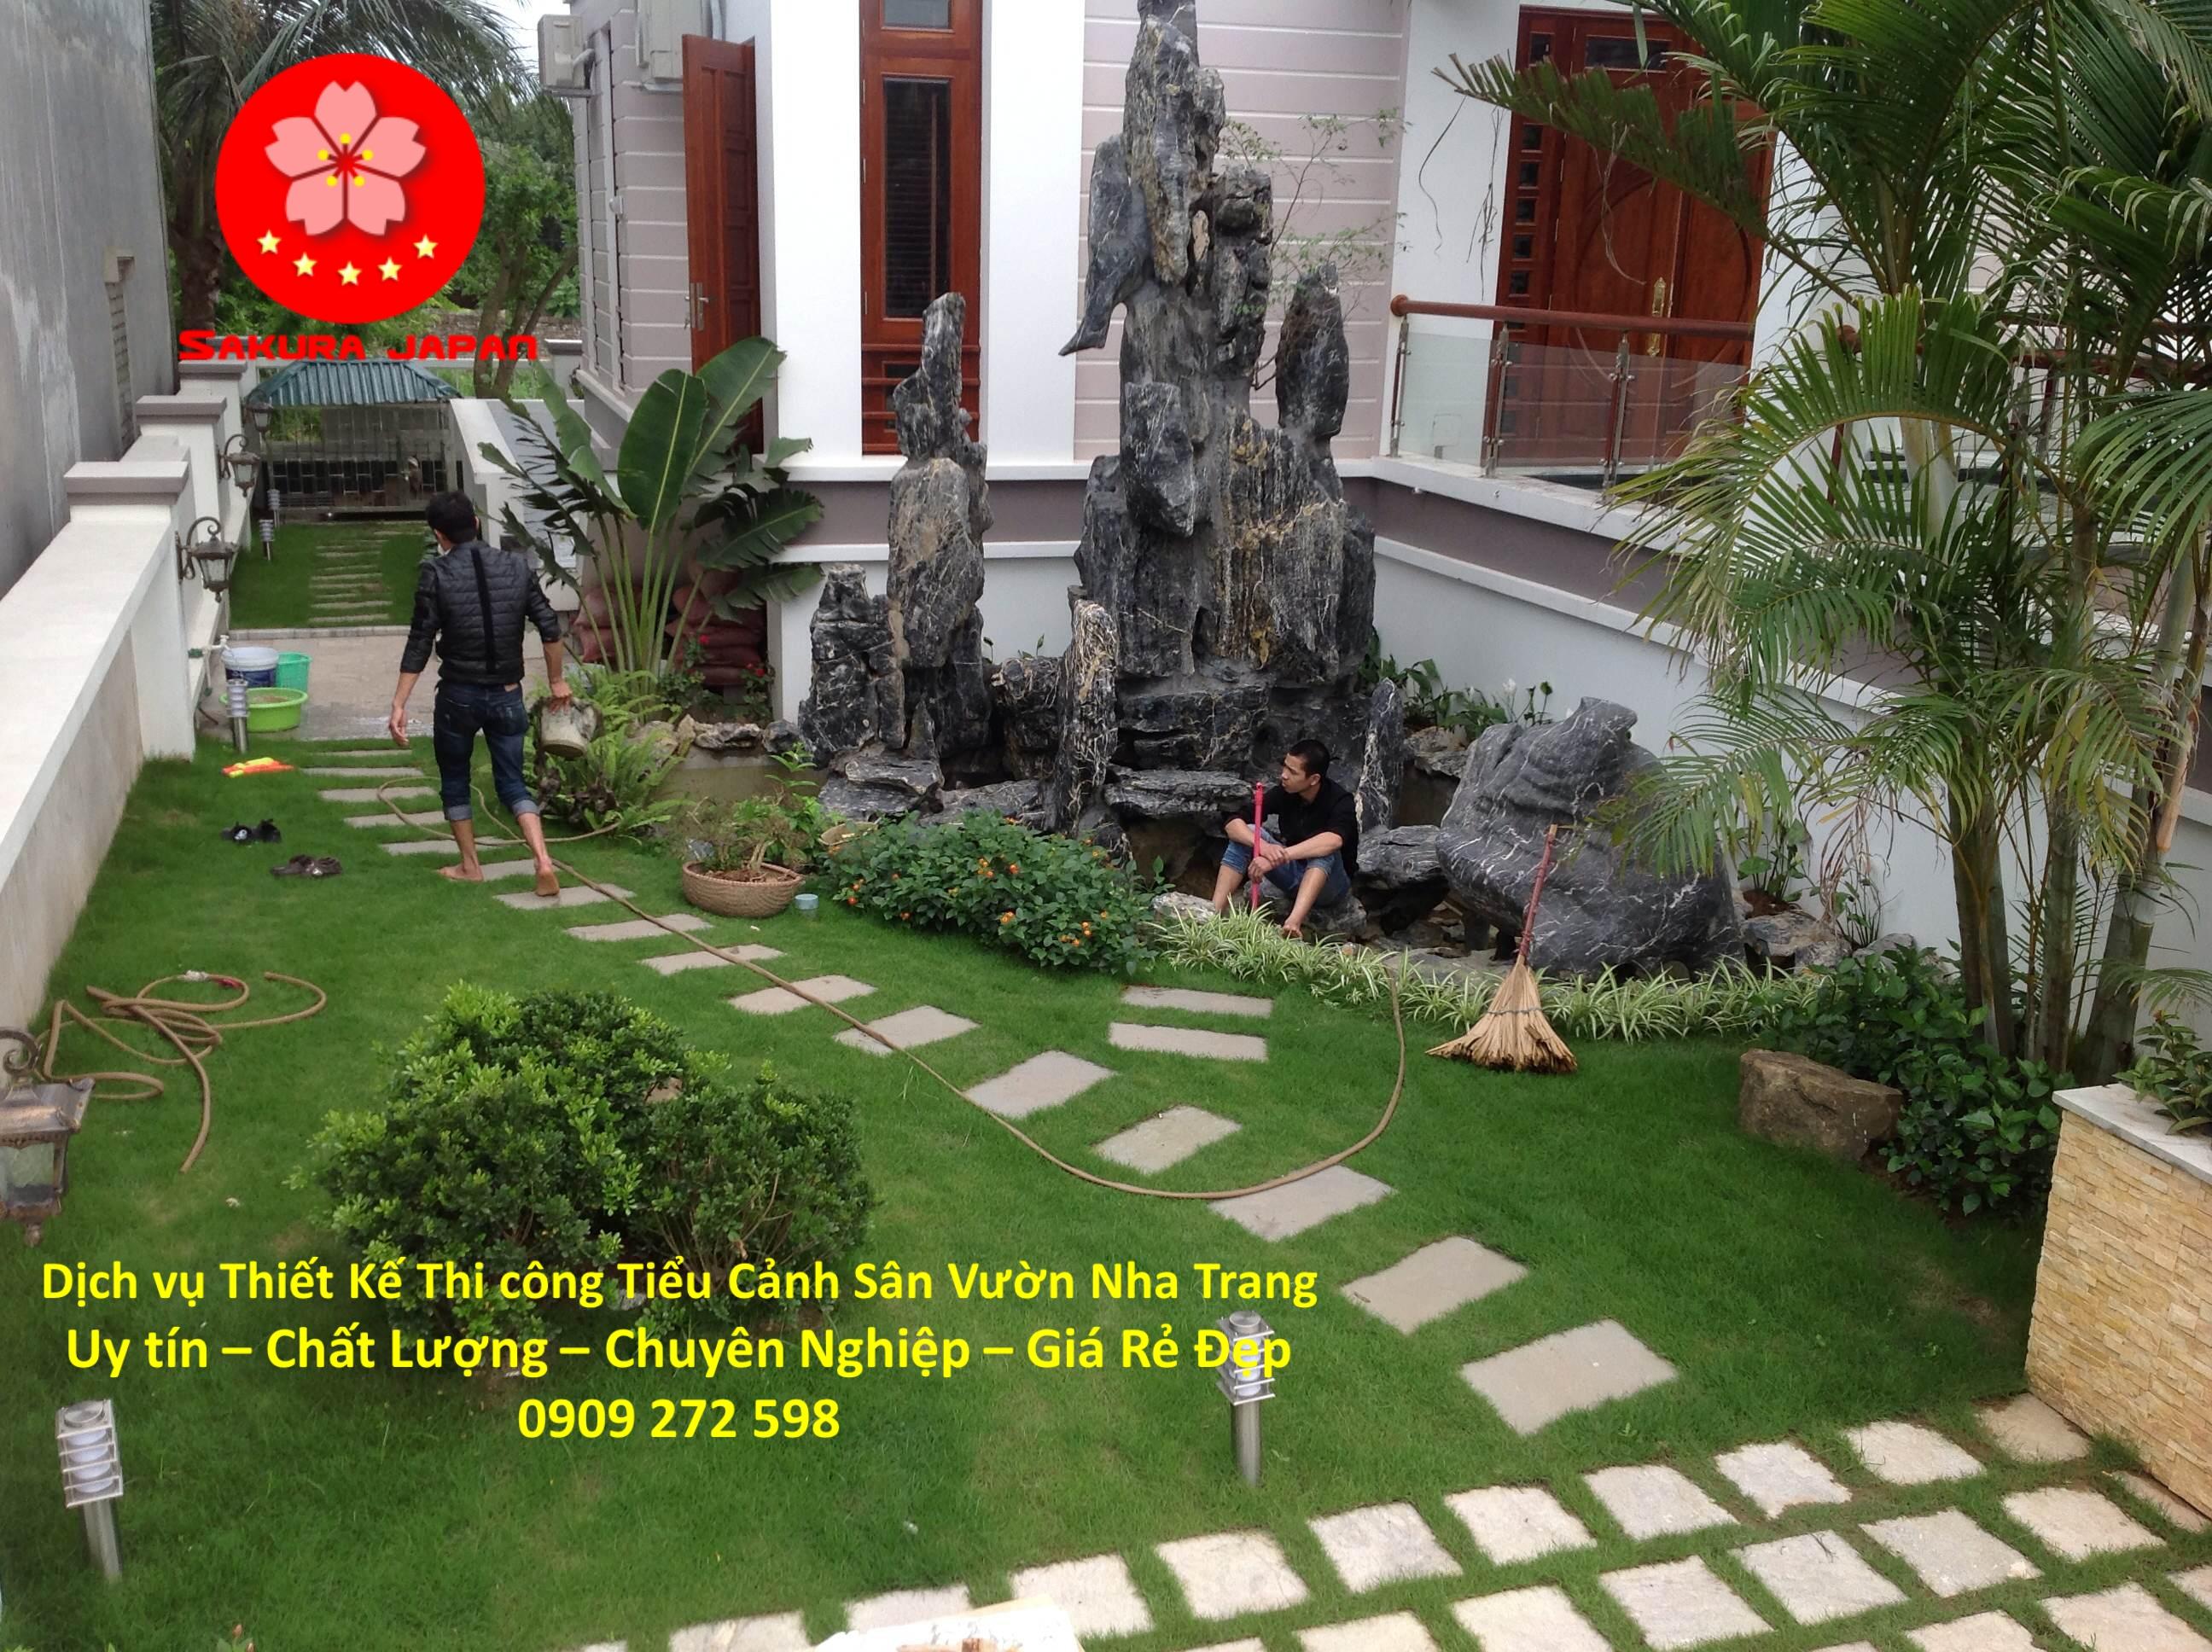 Thiết Kế Thi Công Sân Vườn tại Nha Trang Đẹp Nhất